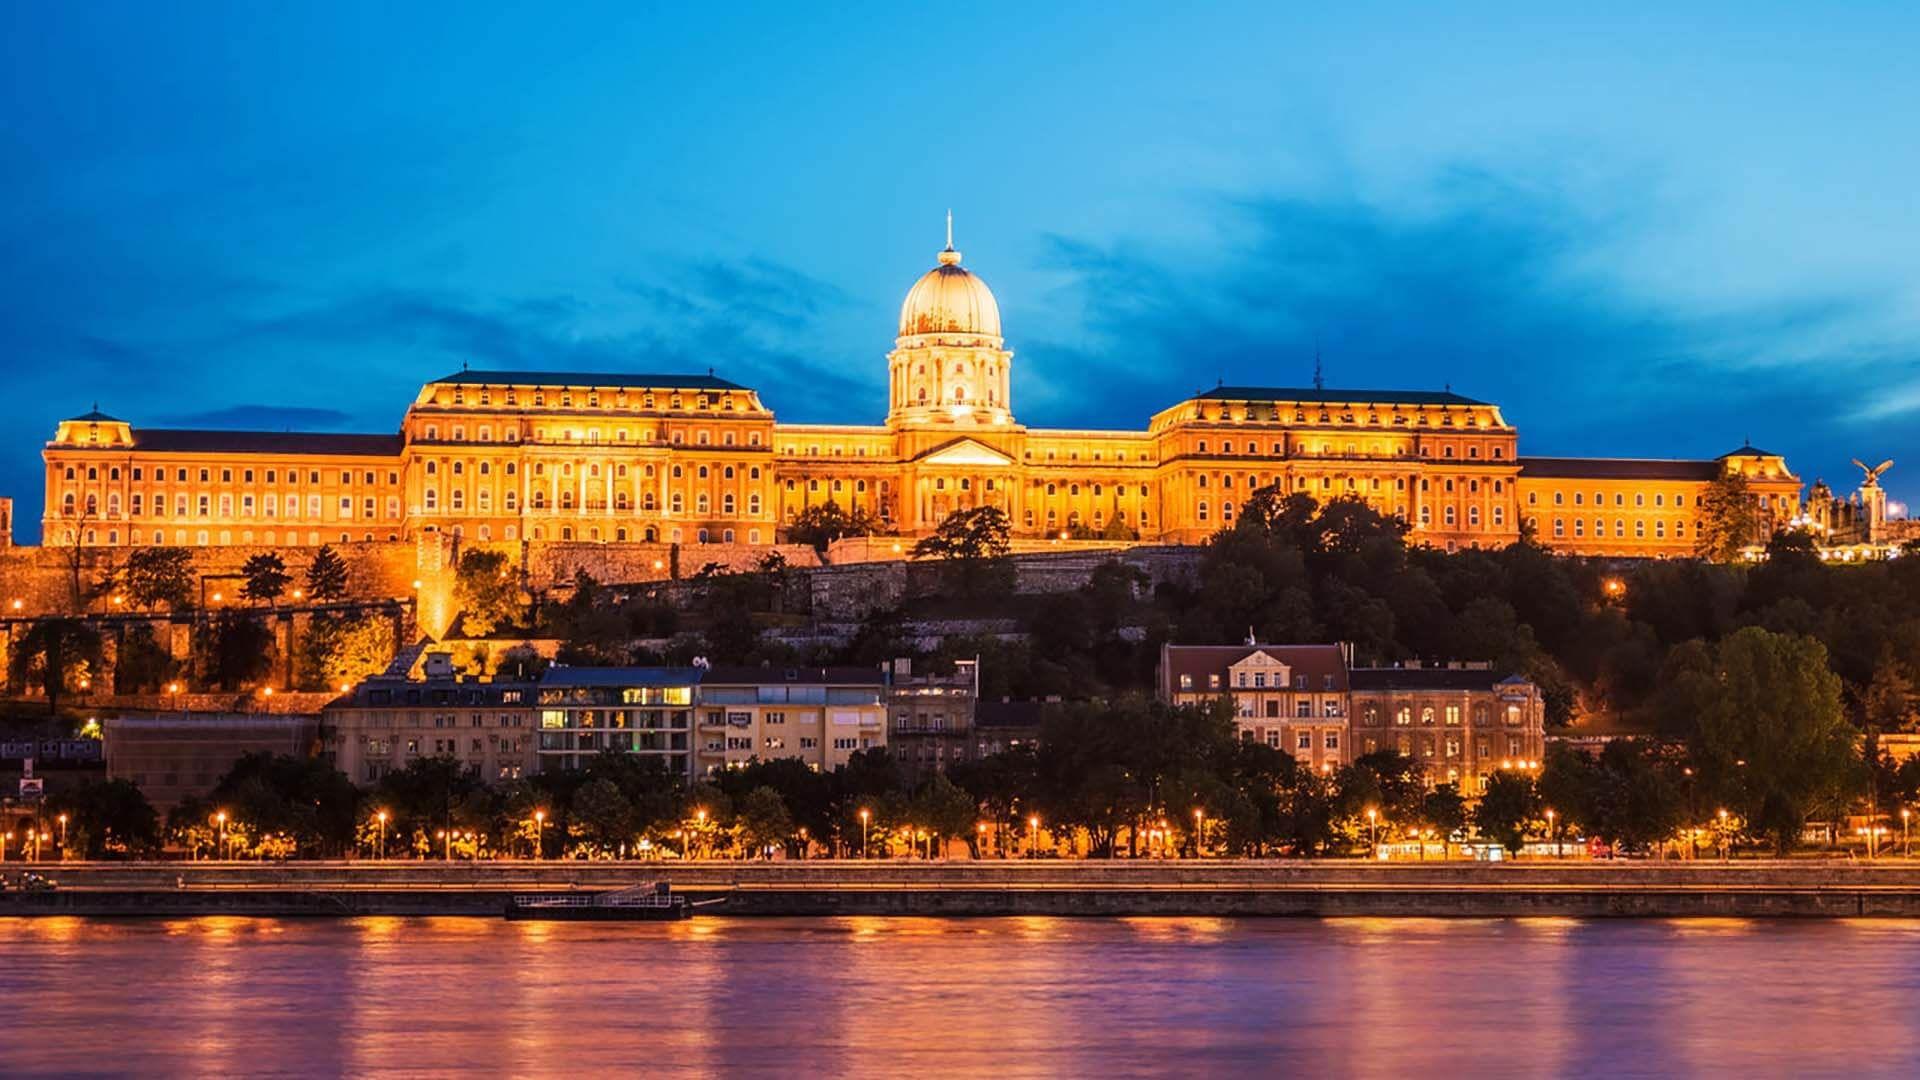 Buda Kalesi, Budapeşte, Macaristan